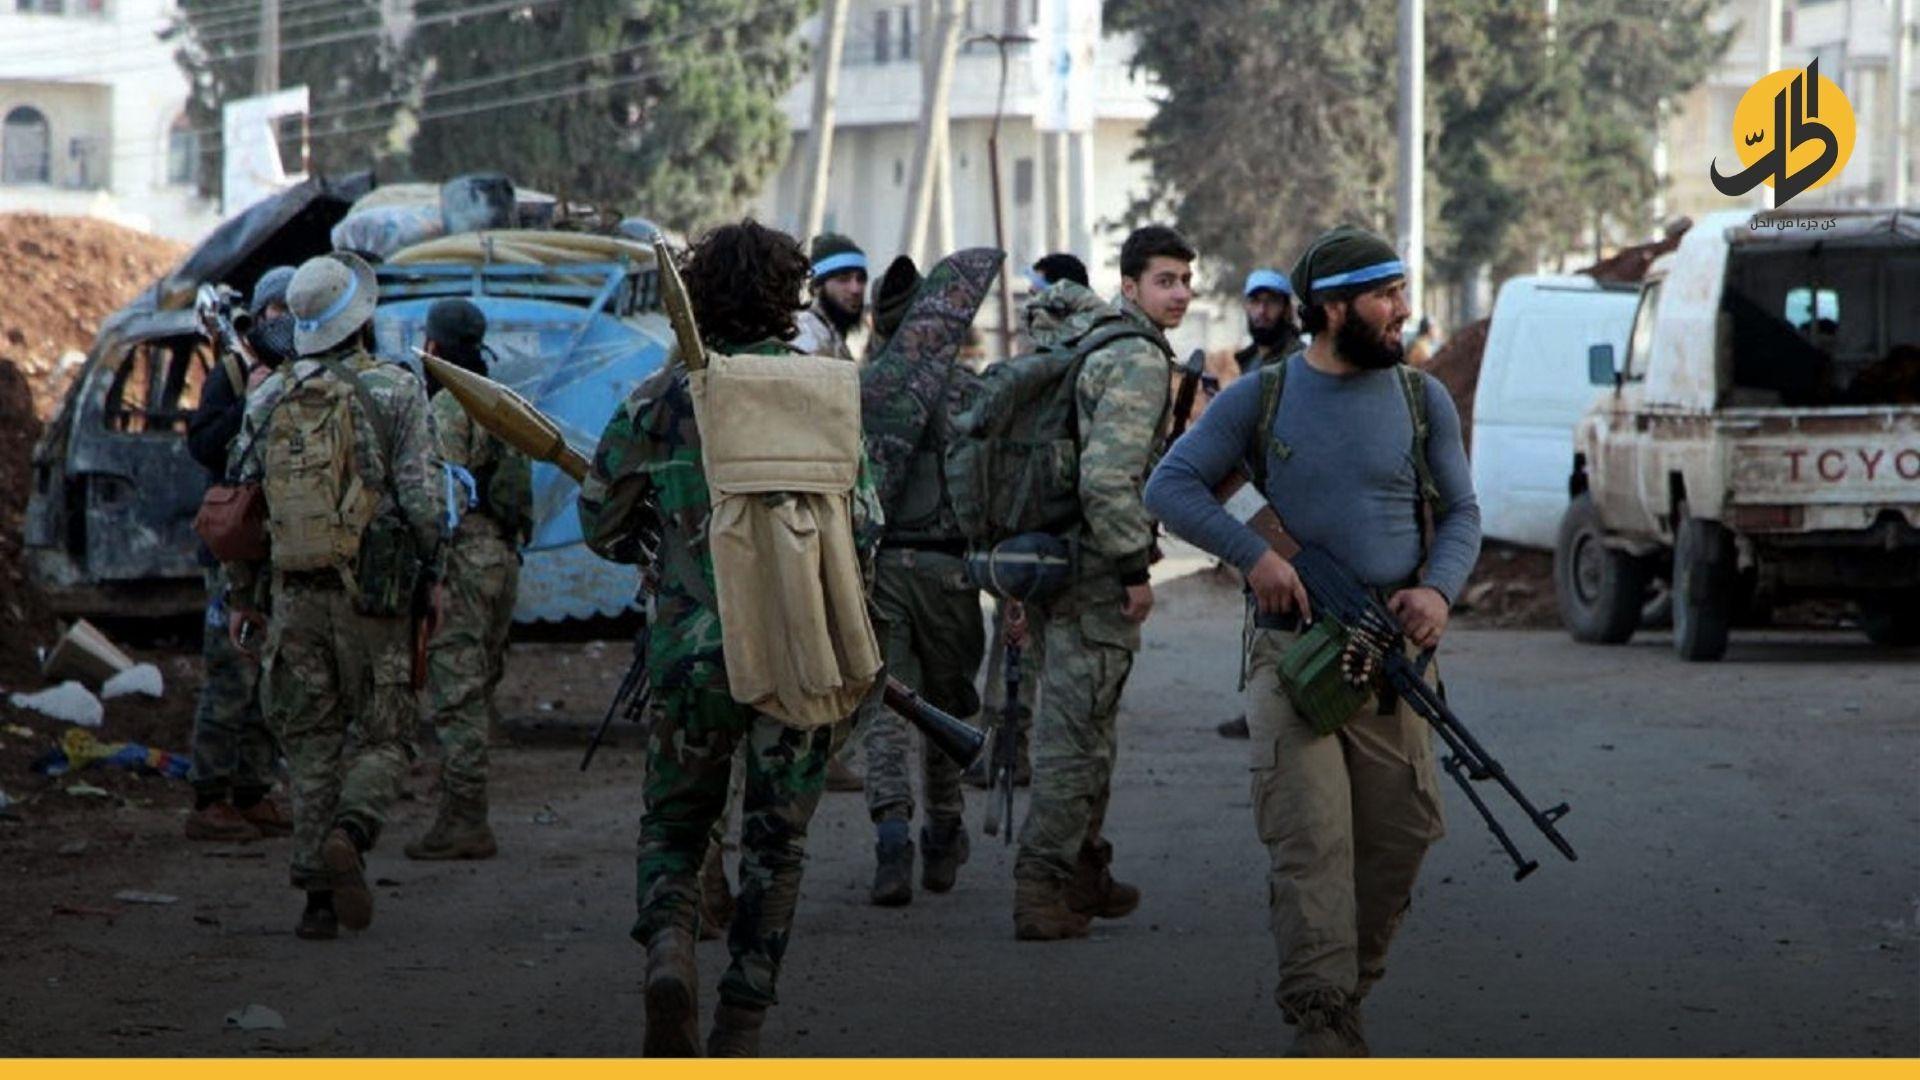 """شبكة حقوقية تُدين خطف """"الجيش الوطني"""" مدنياً برأس العين وتعذيبه حتى الموت"""